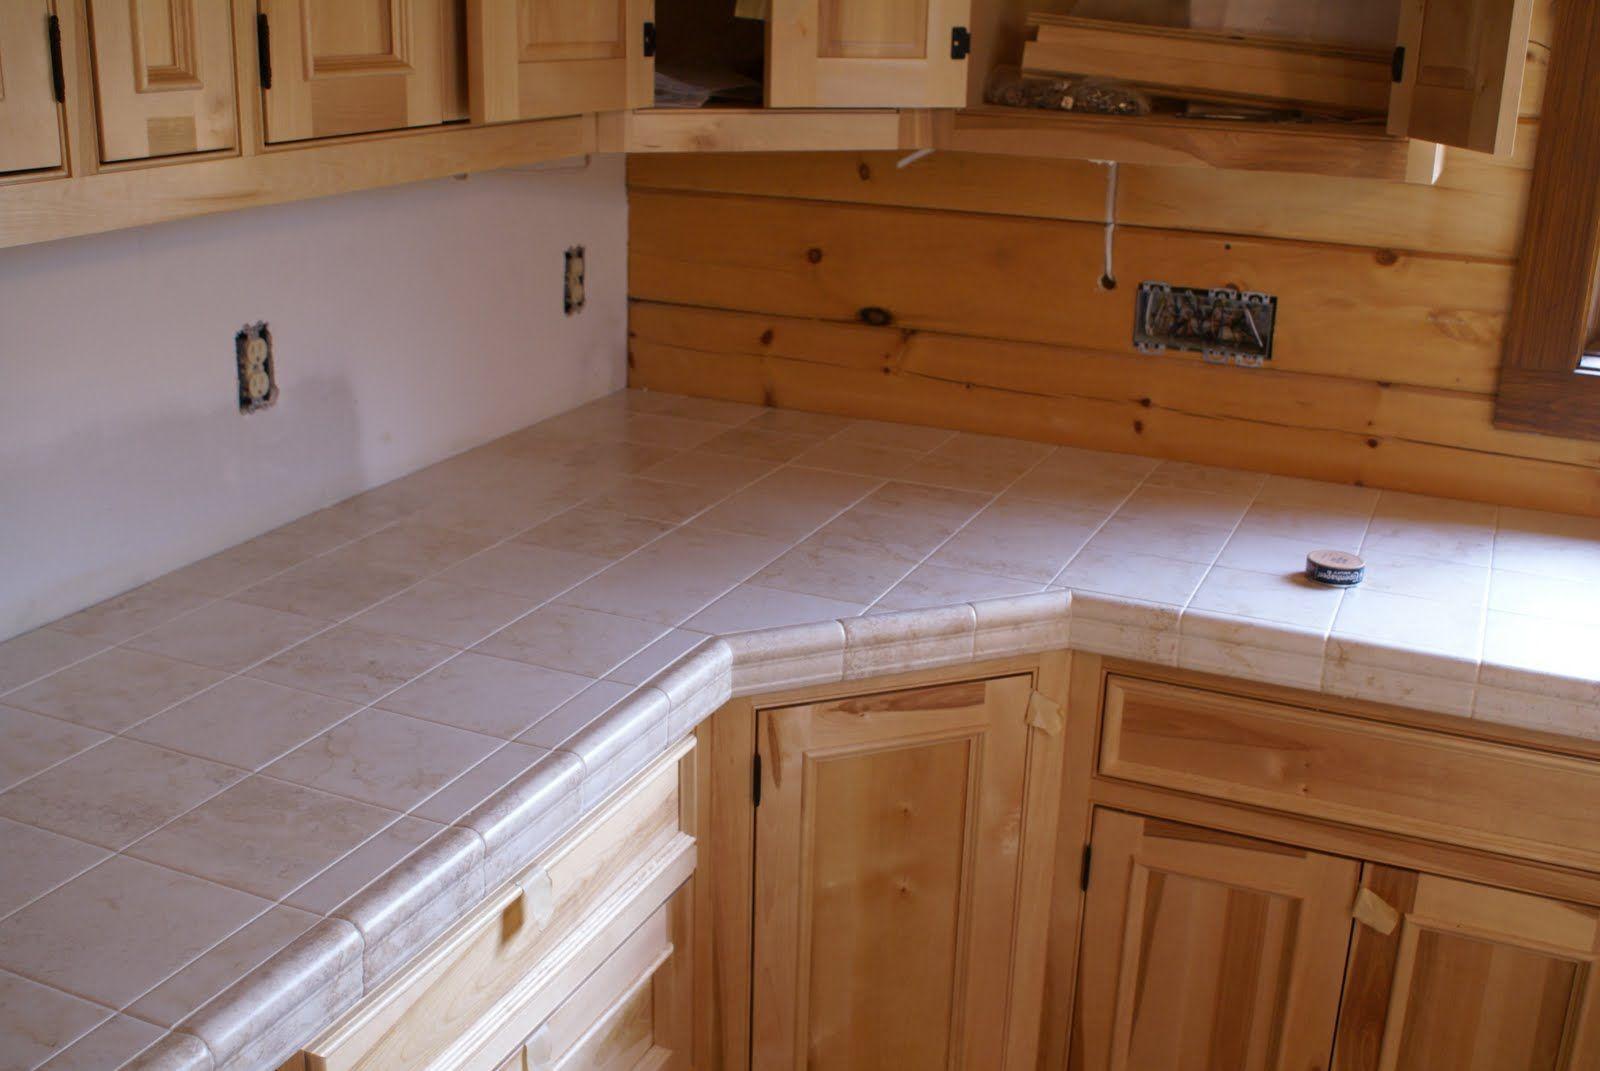 Küchendesign von fliesen fliesen küchenarbeitsplatten bilder  vinylkissen dieses material